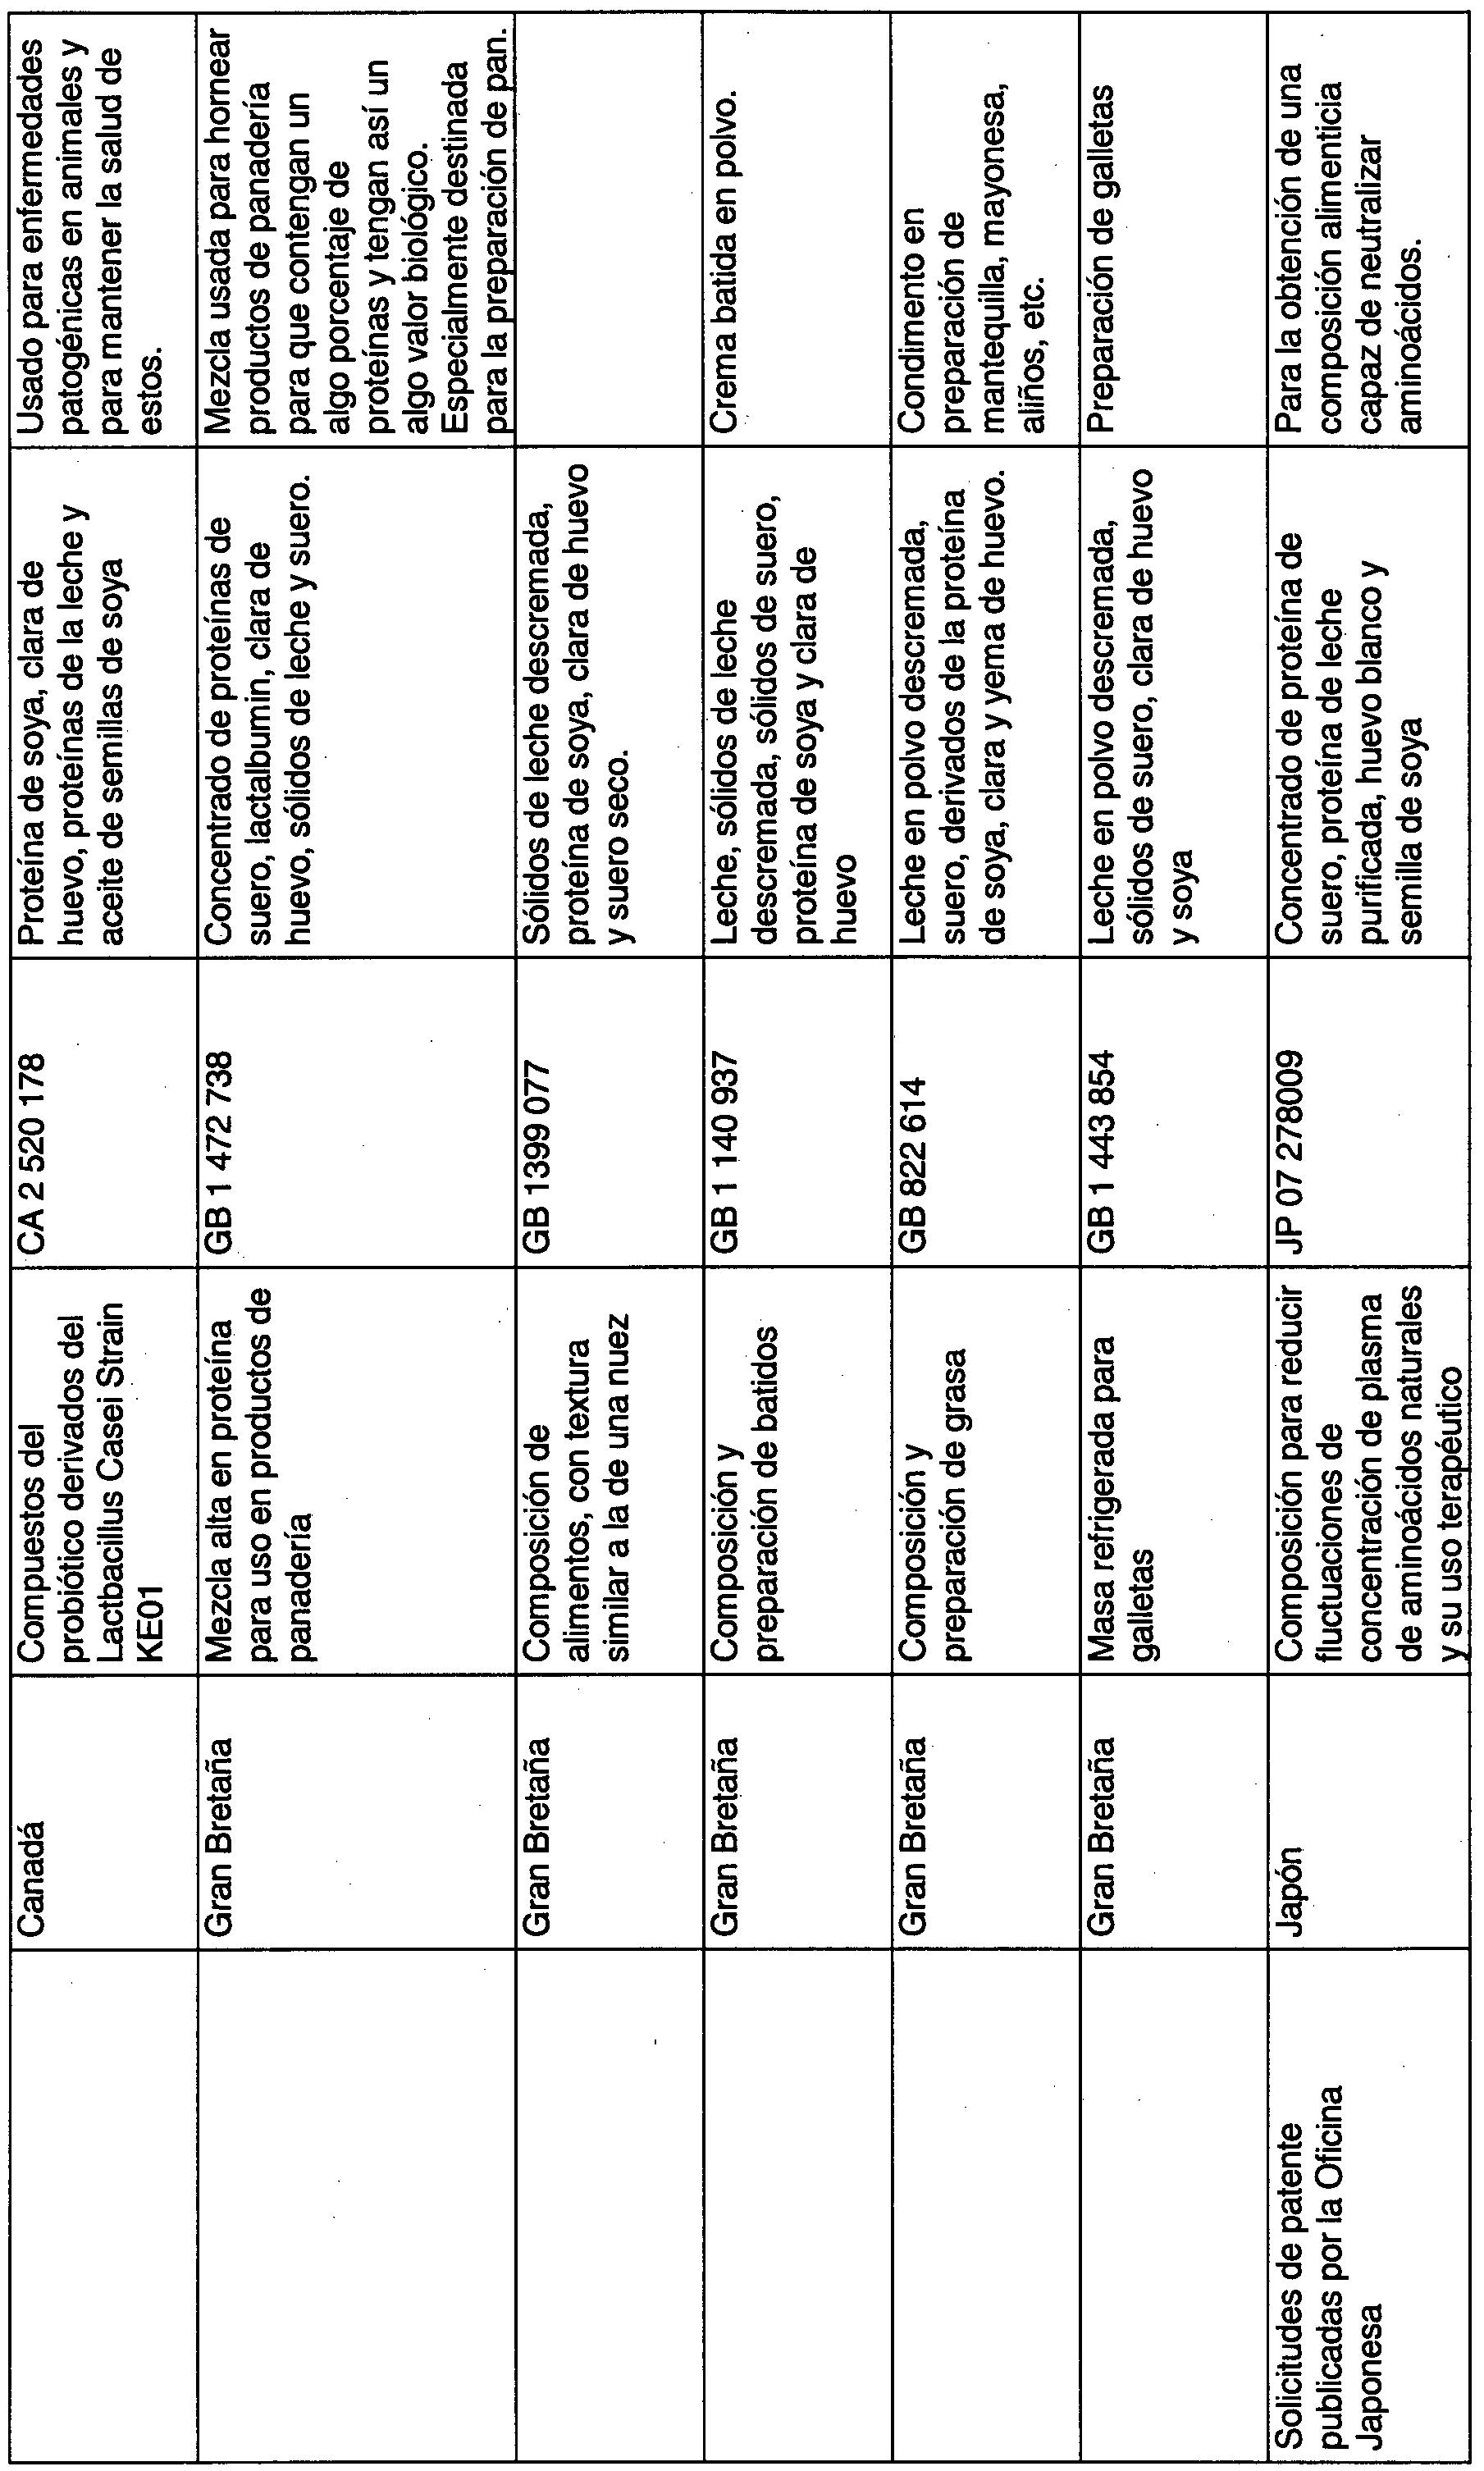 nombre y formula de los 20 amino acidos naturales para bajar de peso